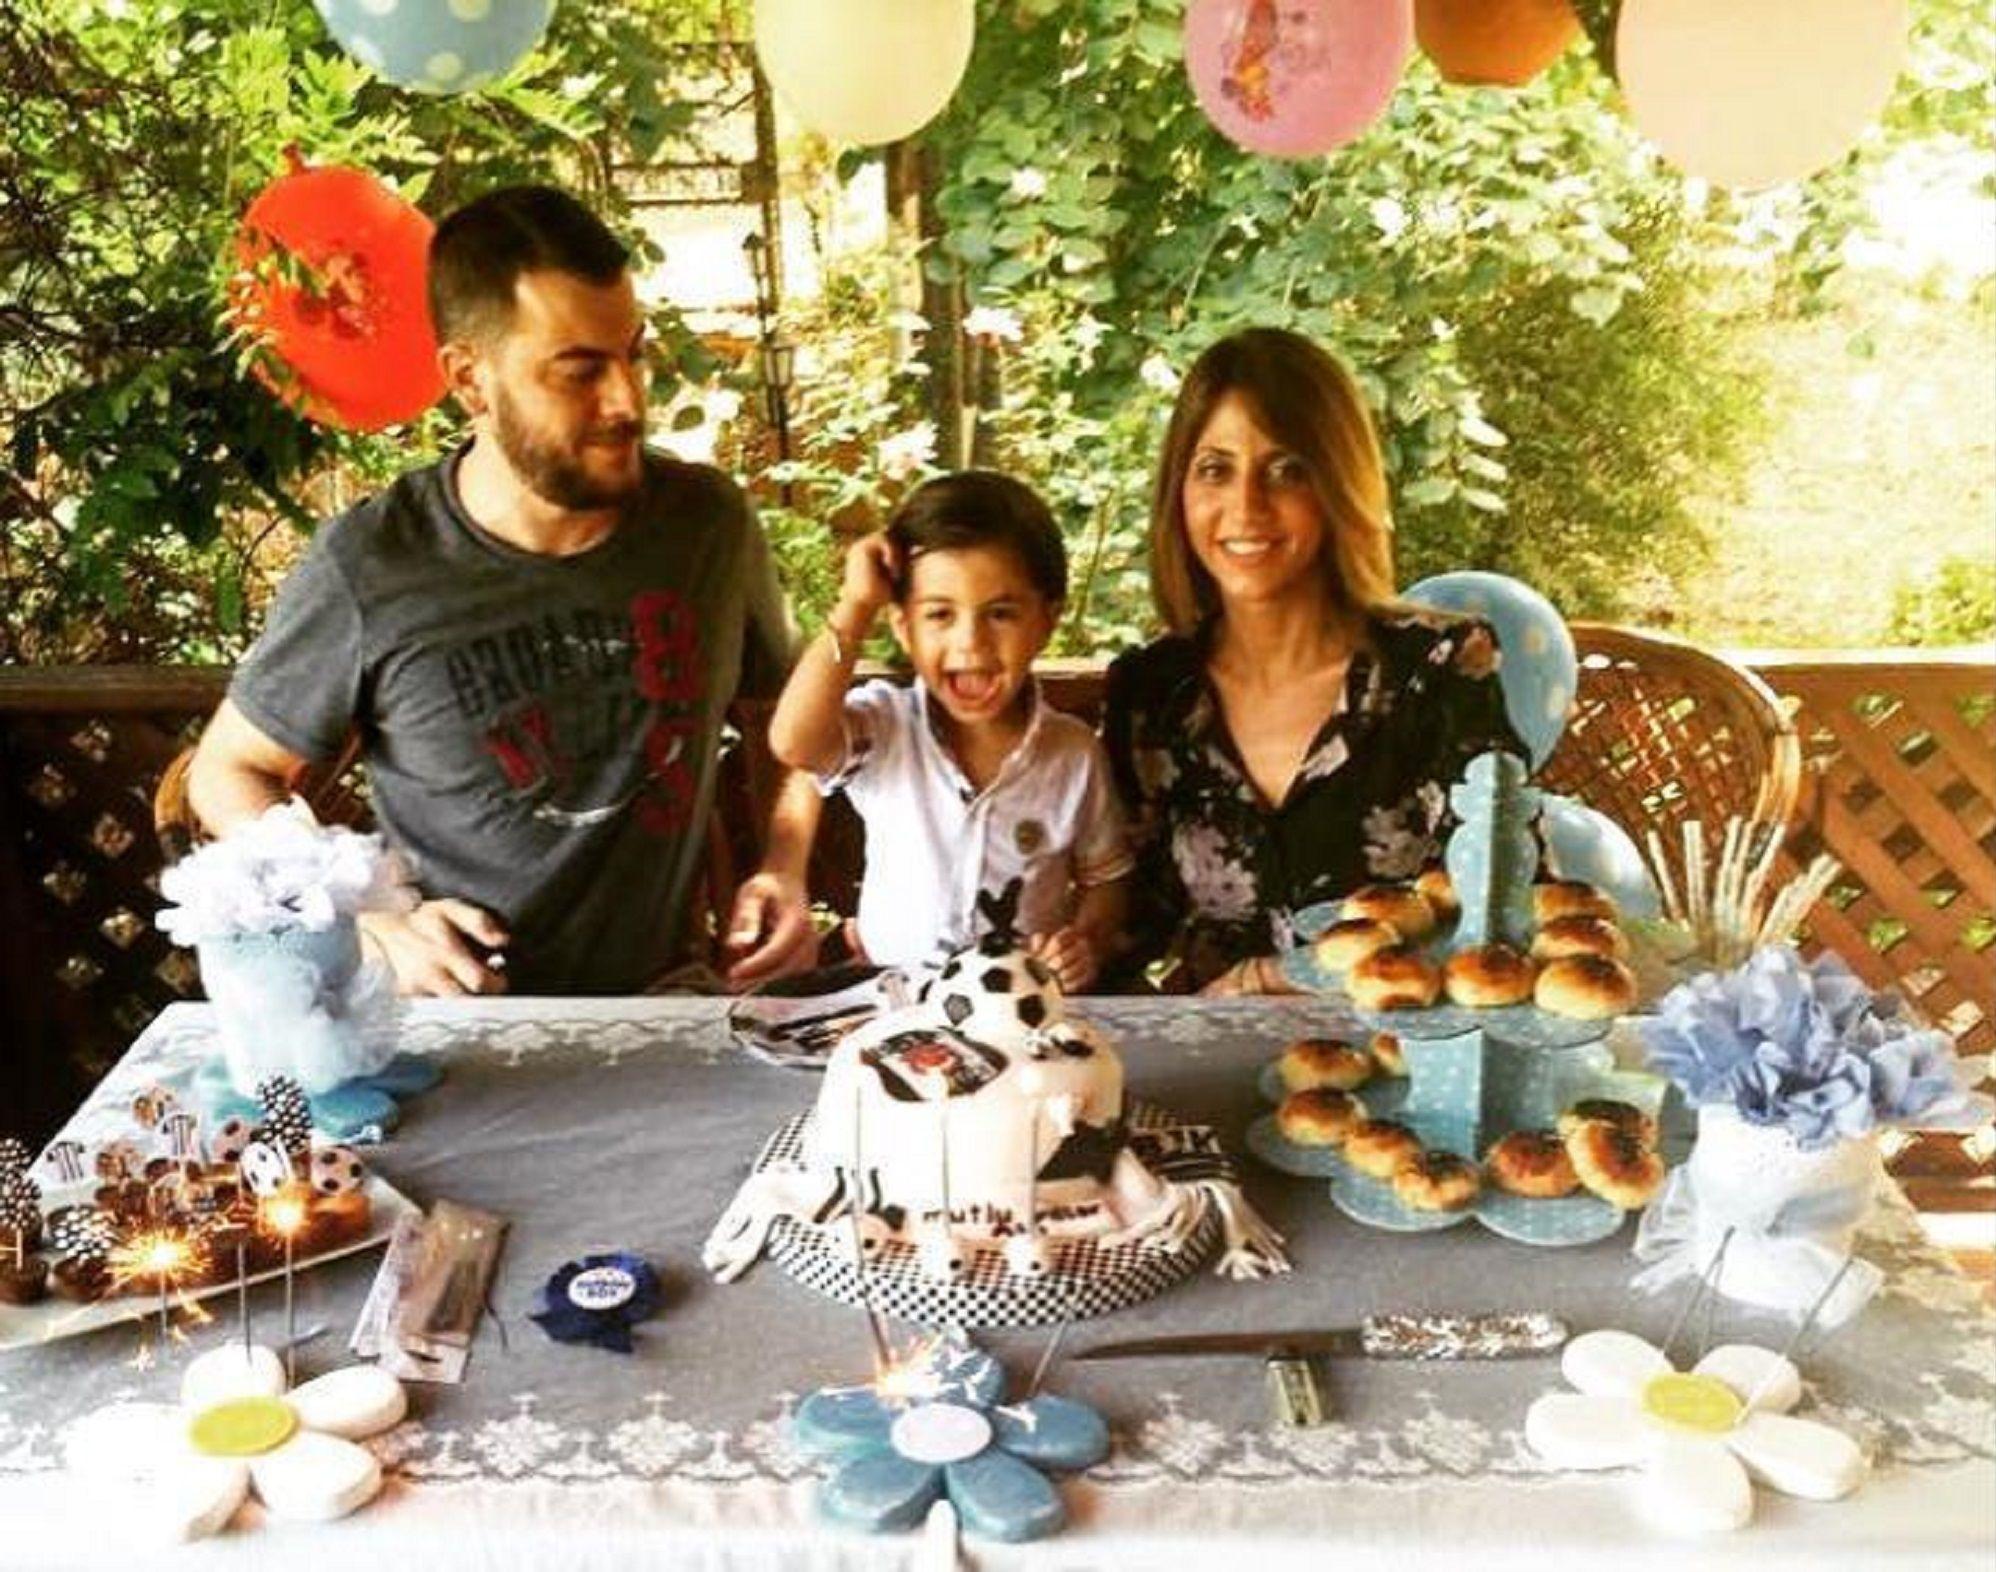 Bakırköy'de evlerinde ölü bulunan ailenin fotoğrafı.